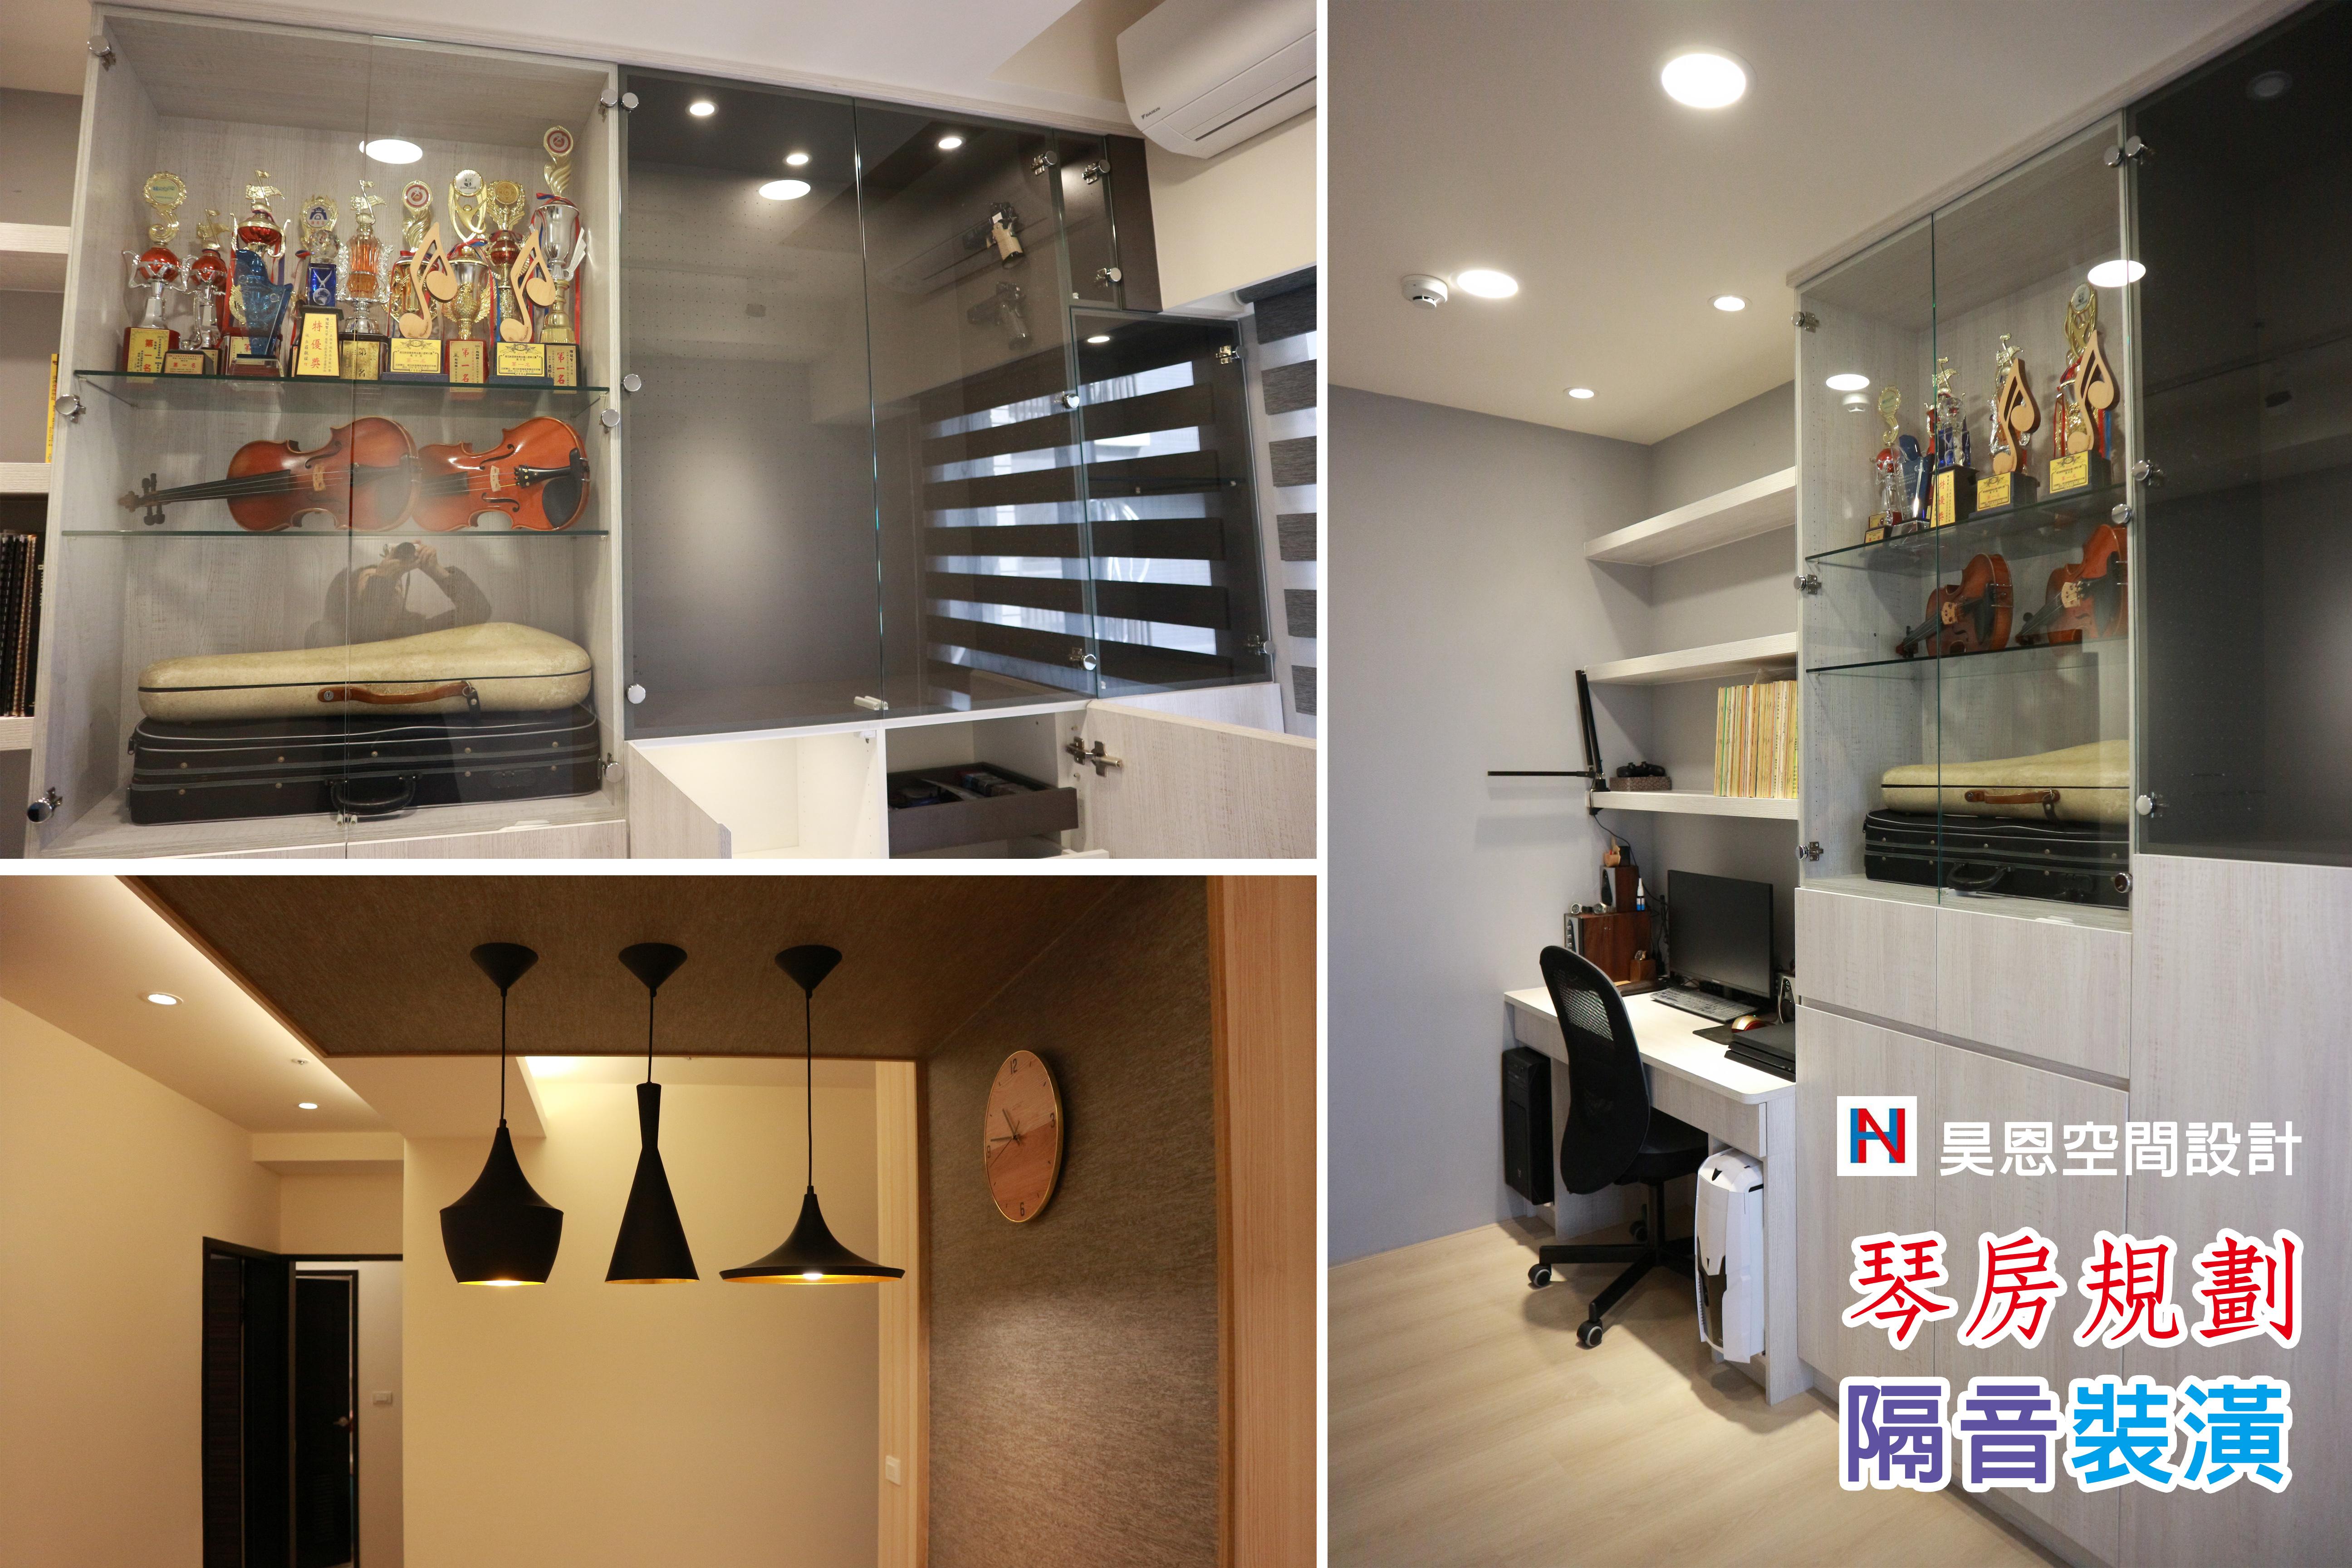 昊恩空間設計,CP值超高!多功能空間一次滿足書房、琴房。琴音飄揚的居家空間